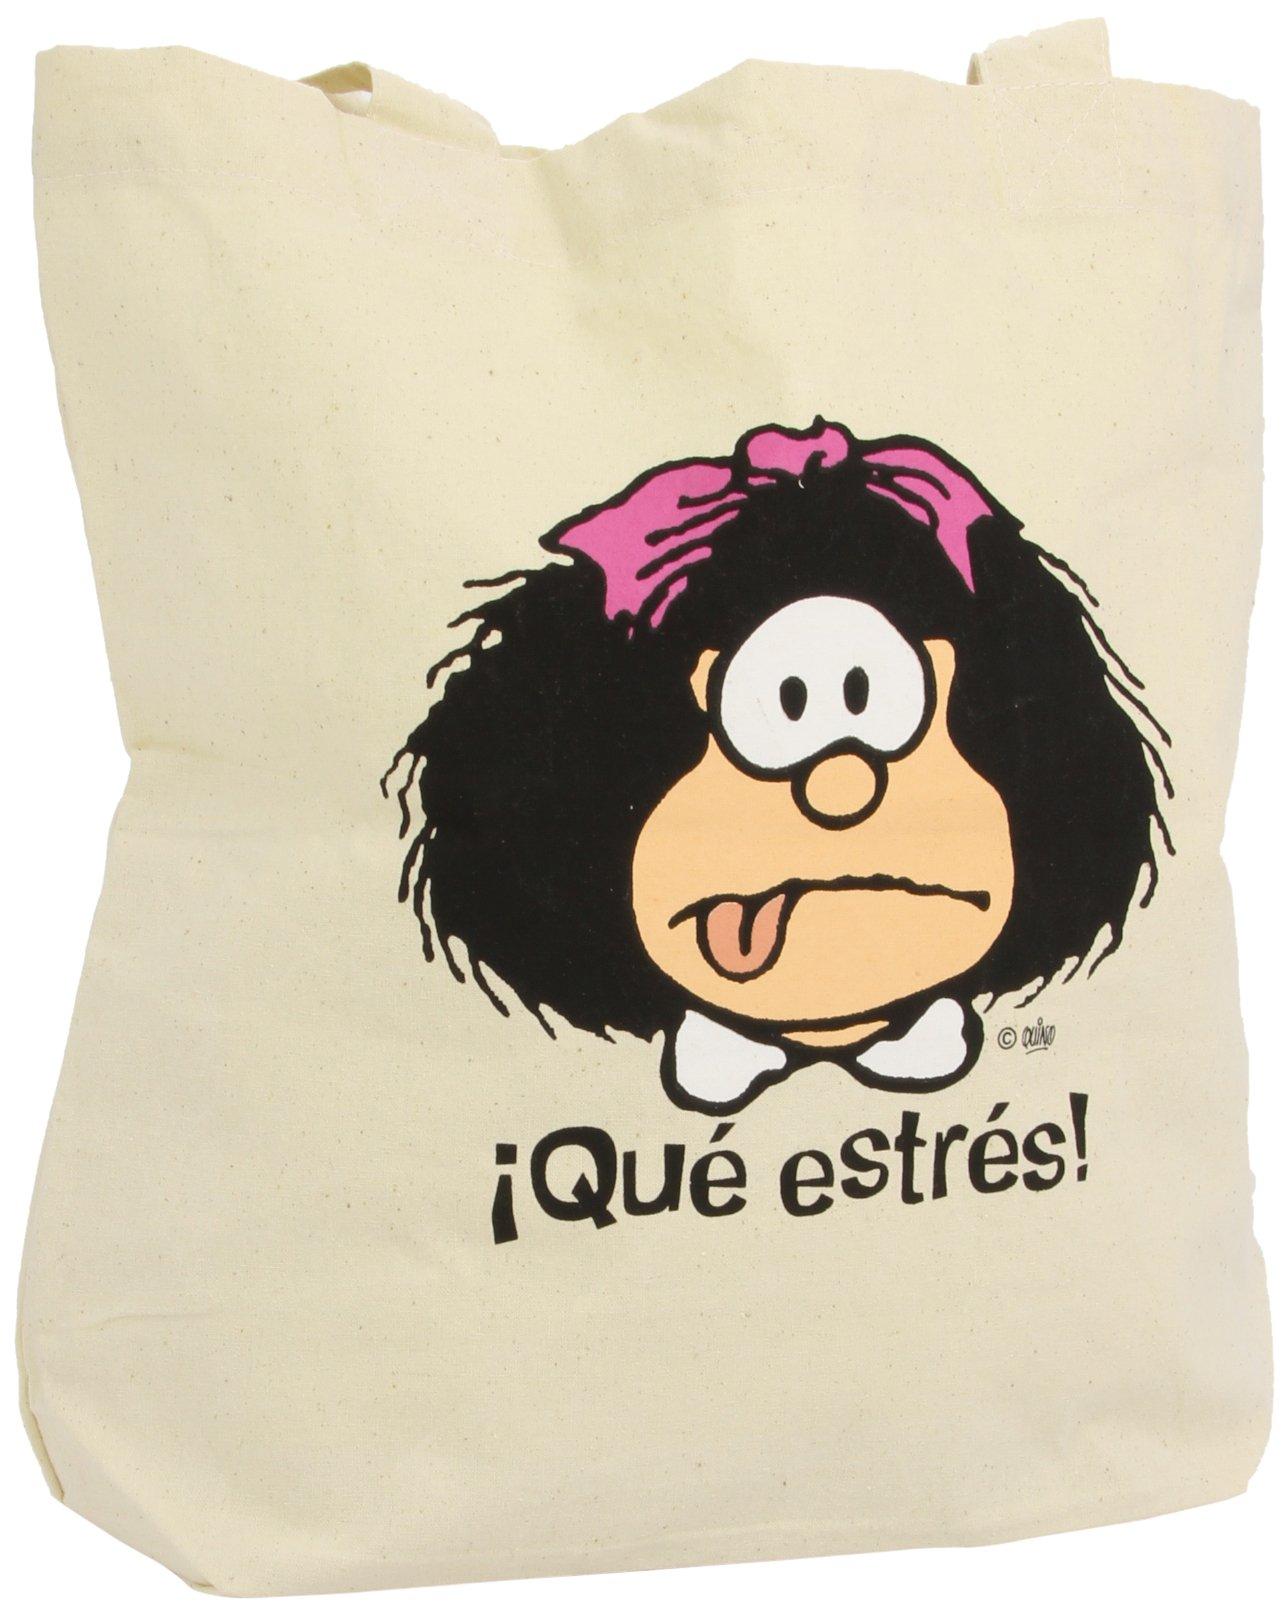 BOLSA MAFALDA QUE ESTRES: Amazon.es: Quino: Libros